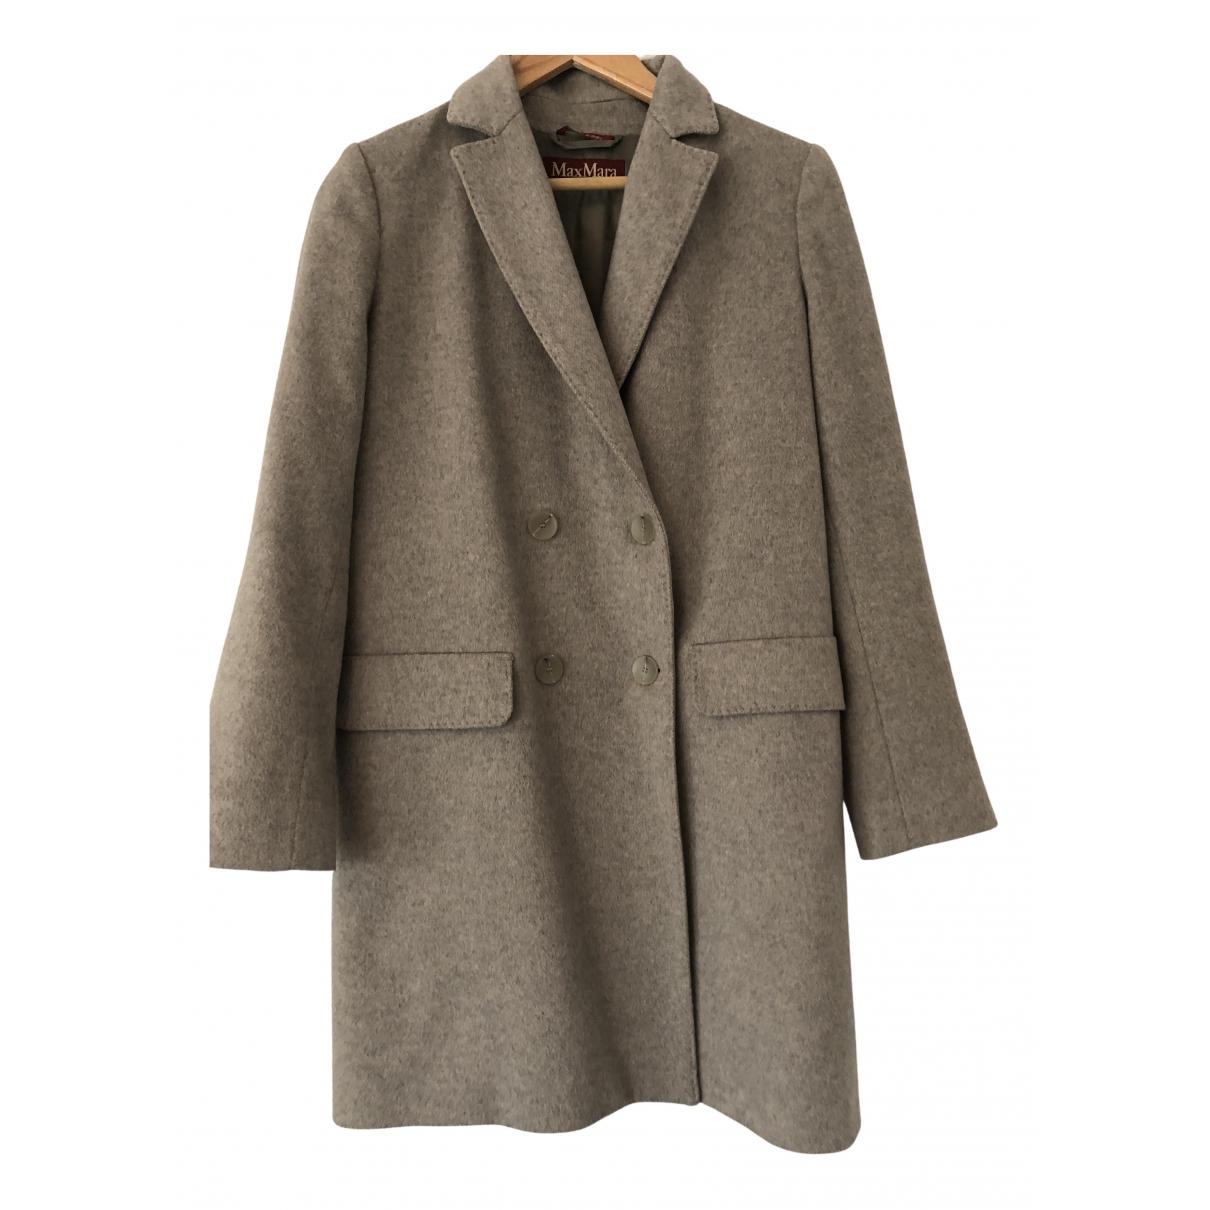 Max Mara Studio N Grey Cashmere coat for Women 6 UK